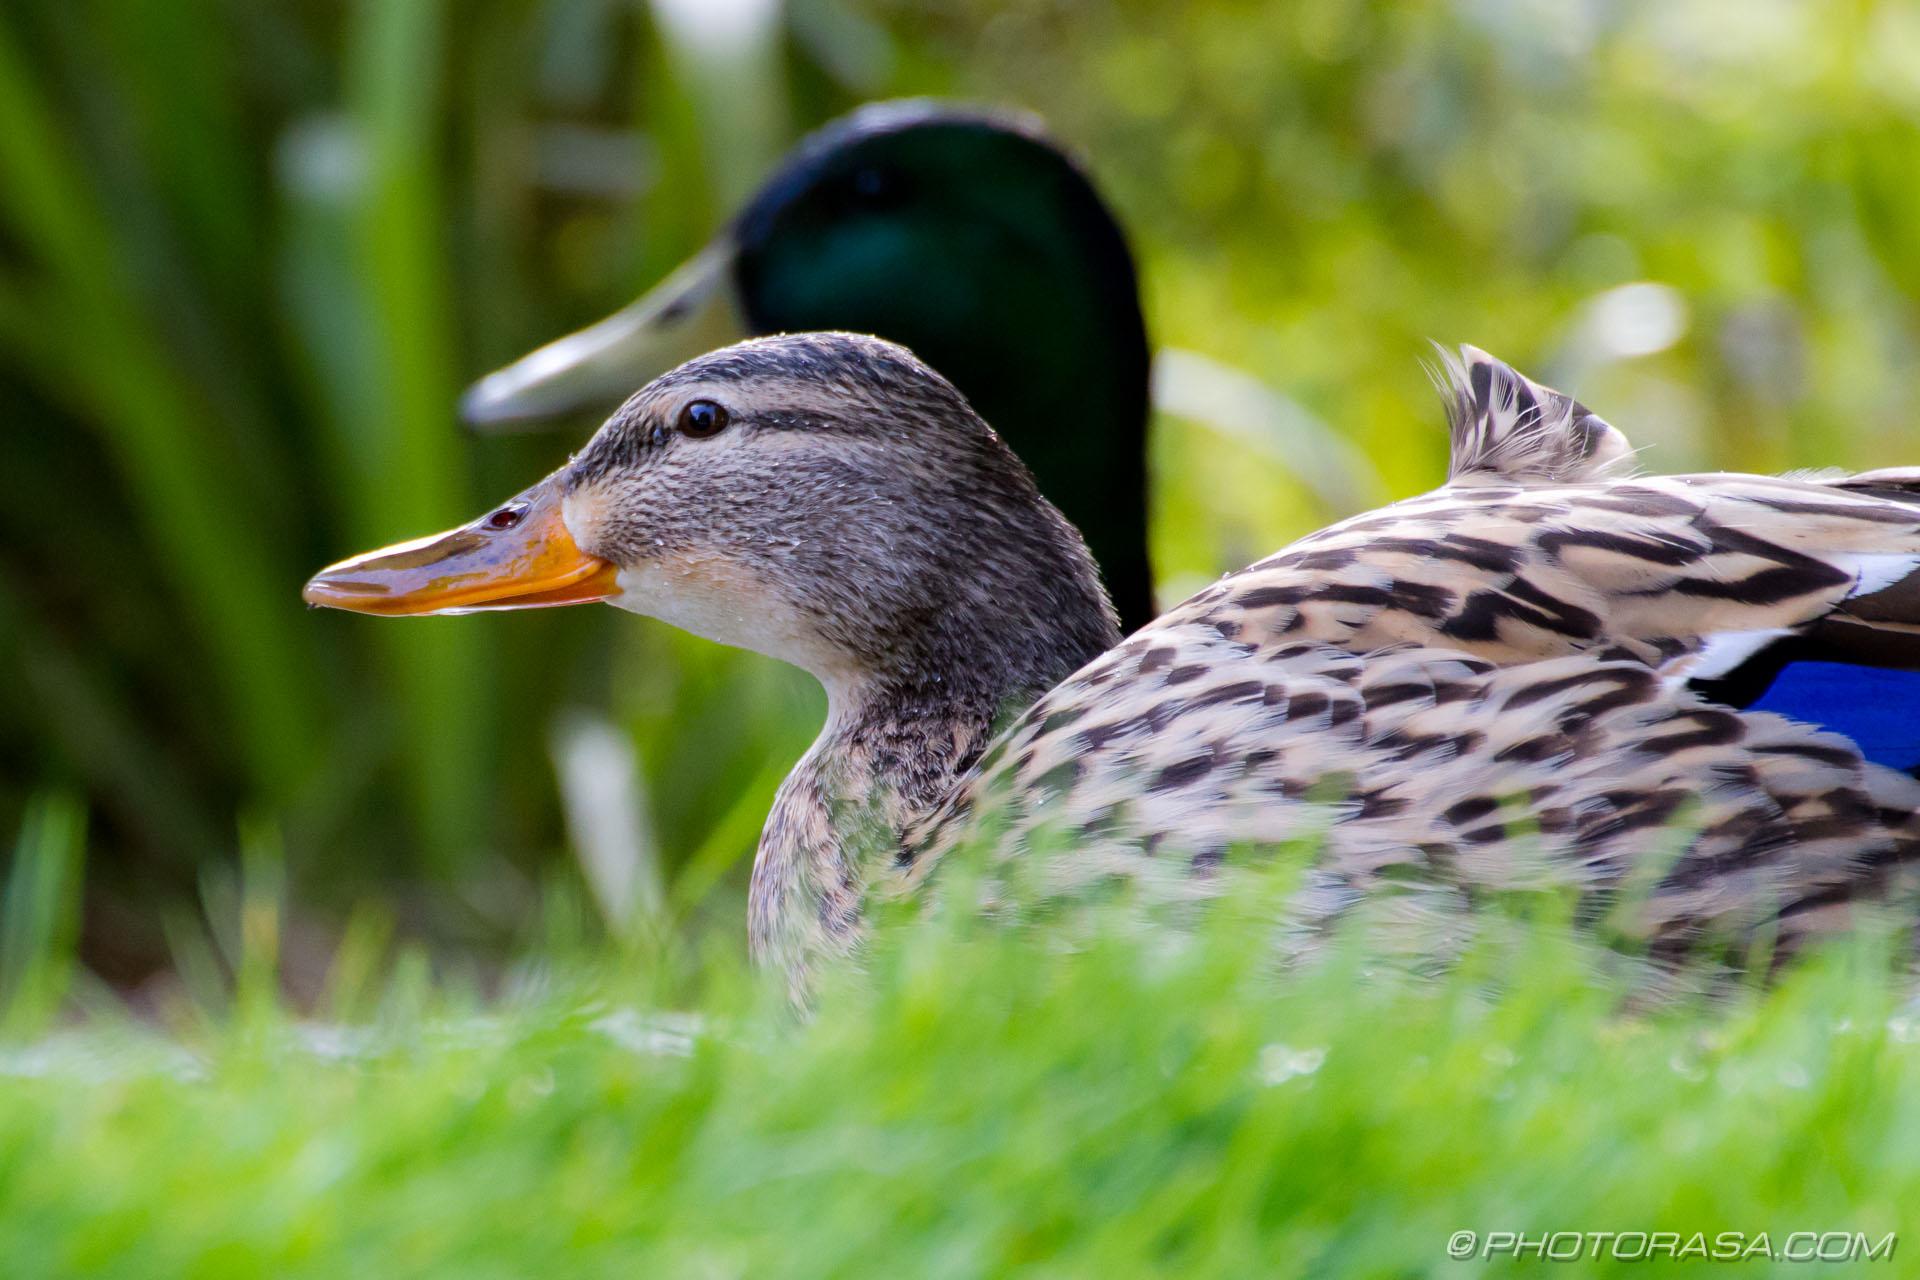 https://photorasa.com/mallard-ducks/two-ducks-at-pond/